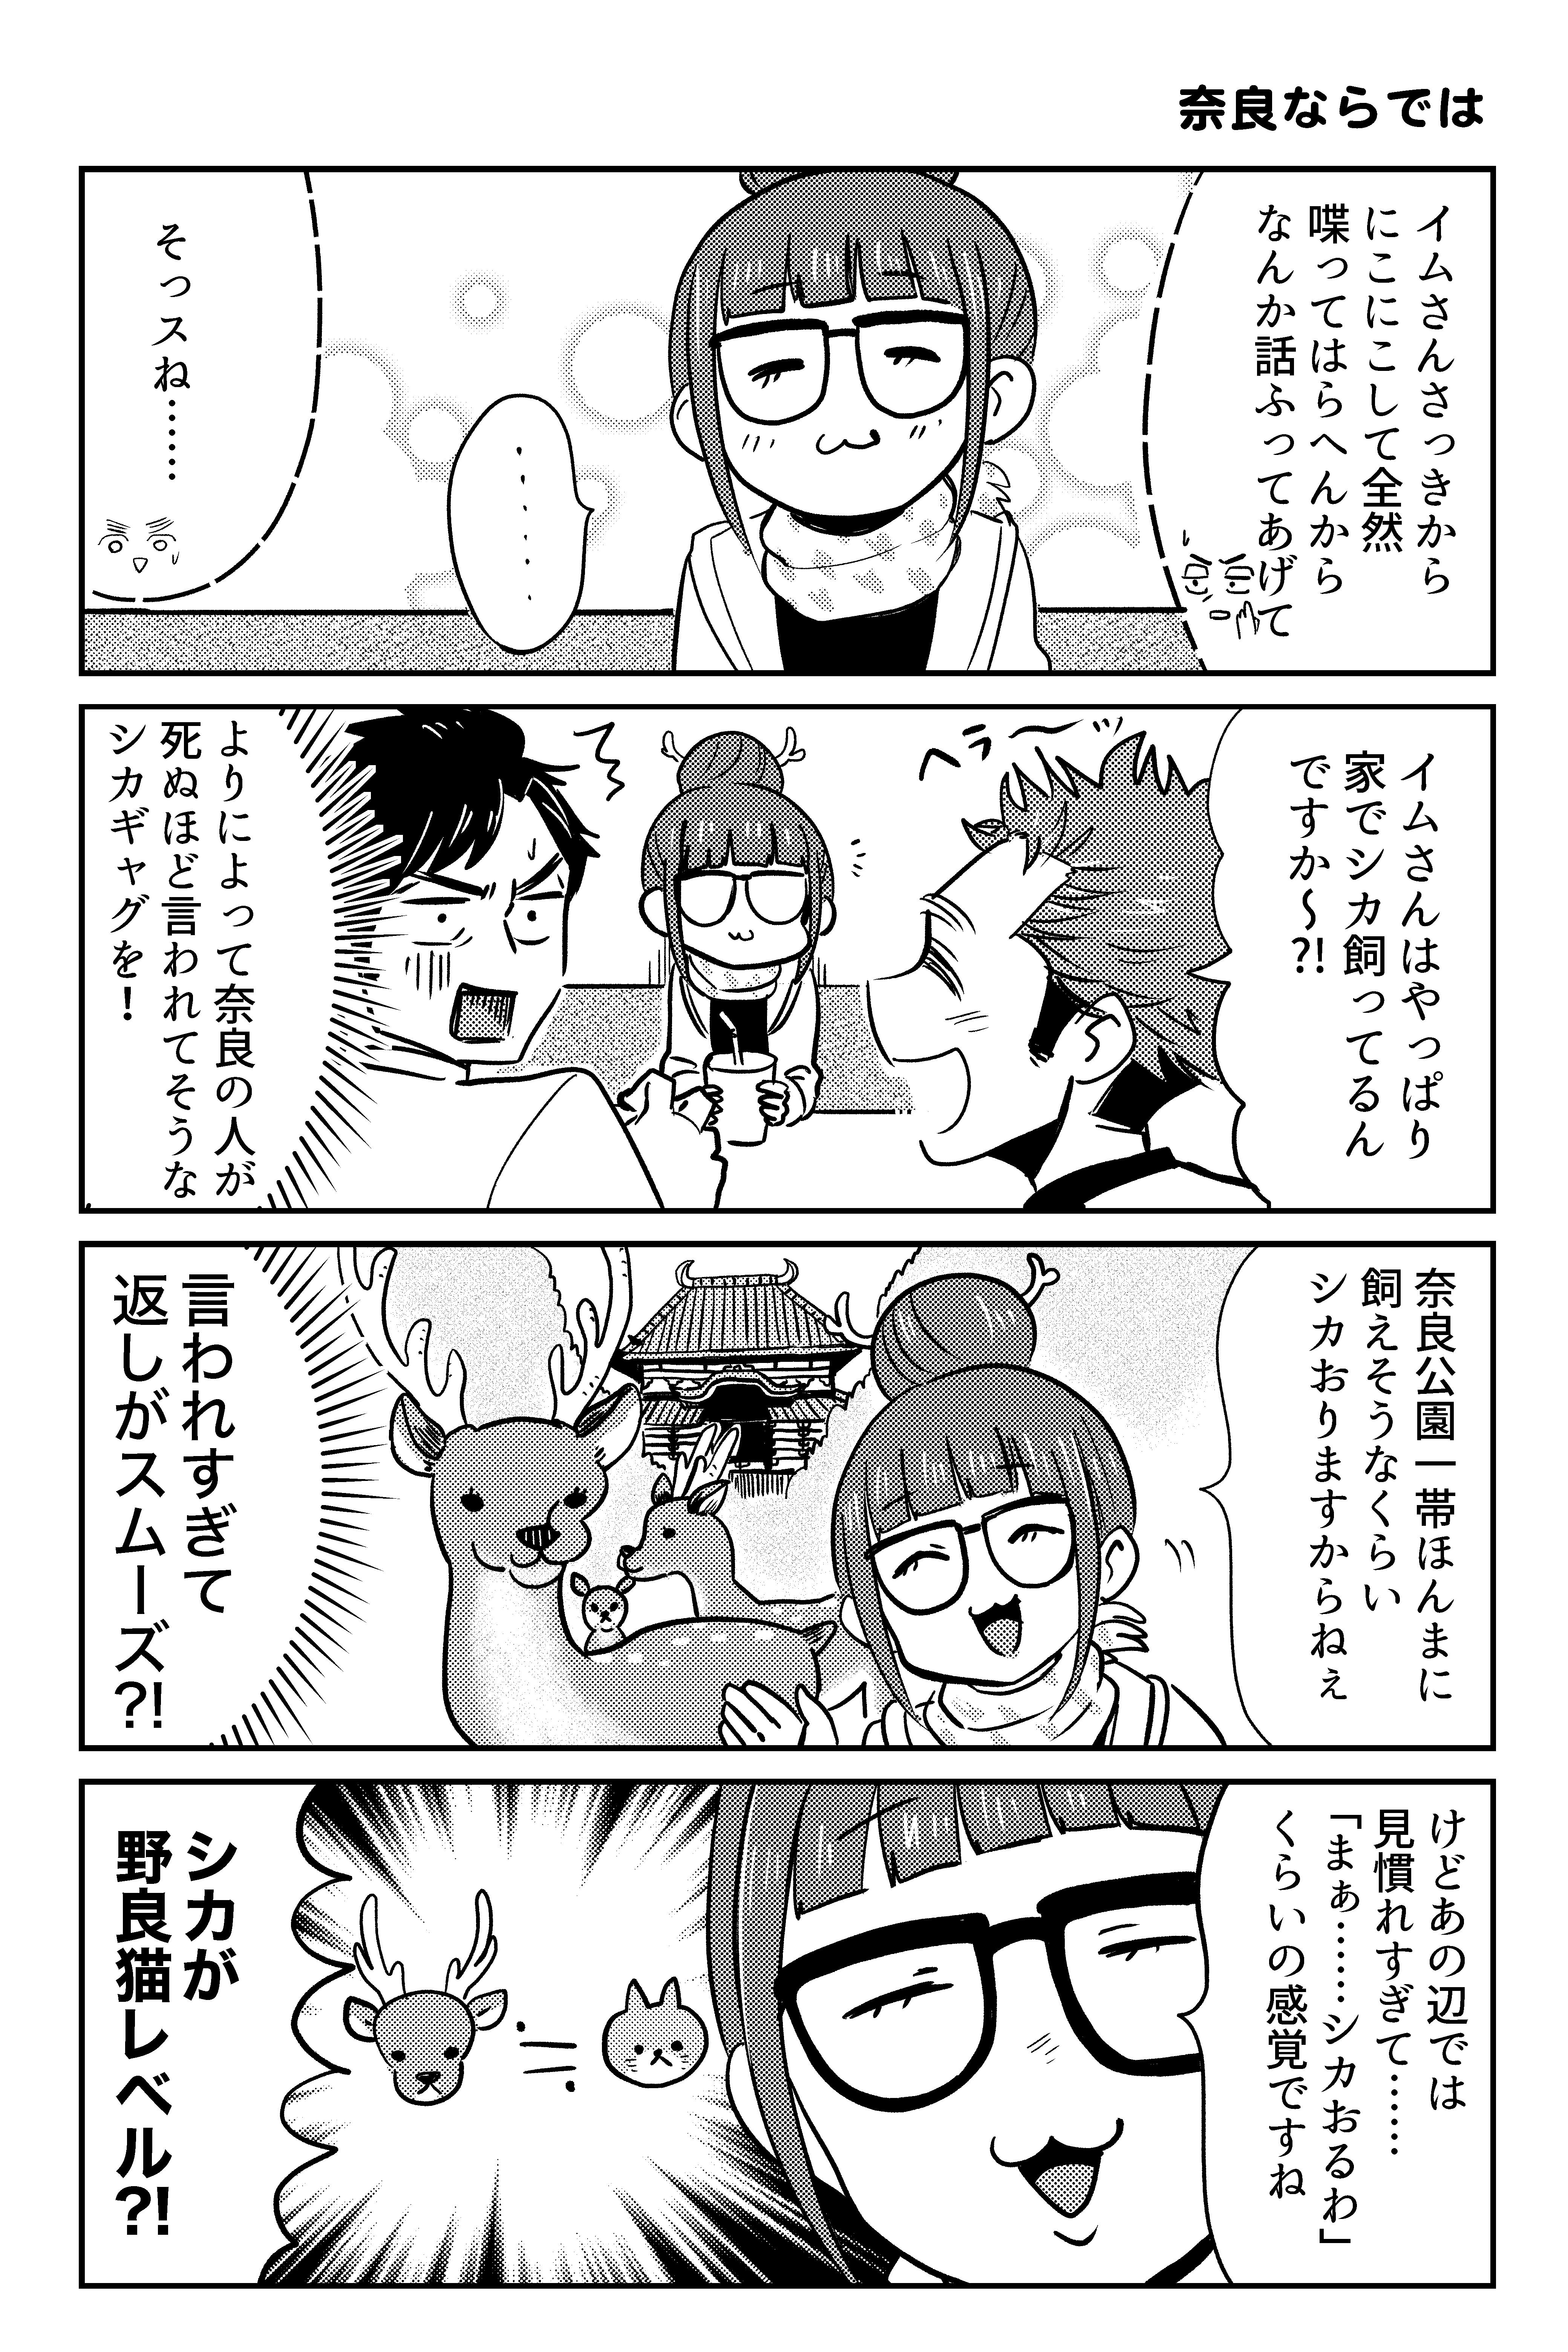 大阪ちゅーとリアル(奈良の人が死ぬほど言われてるギャグ)